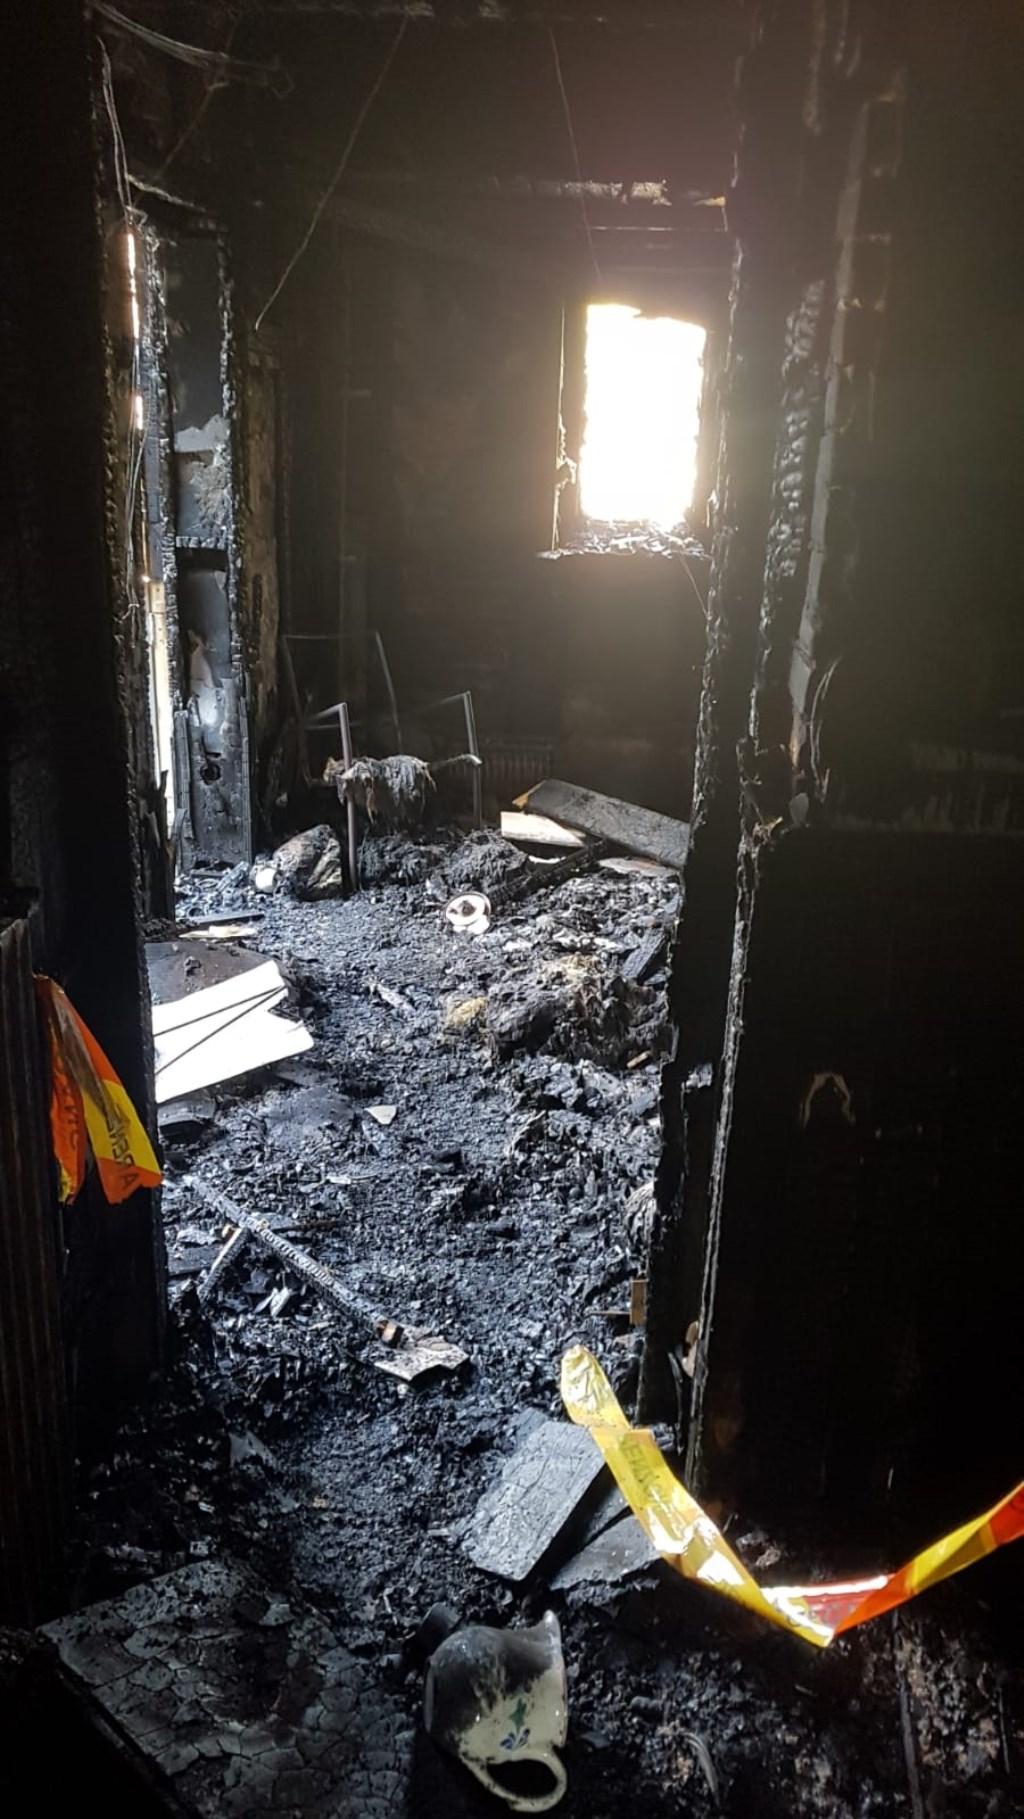 De inboedel is verwoest. Elroy van Gardingen © BDU media